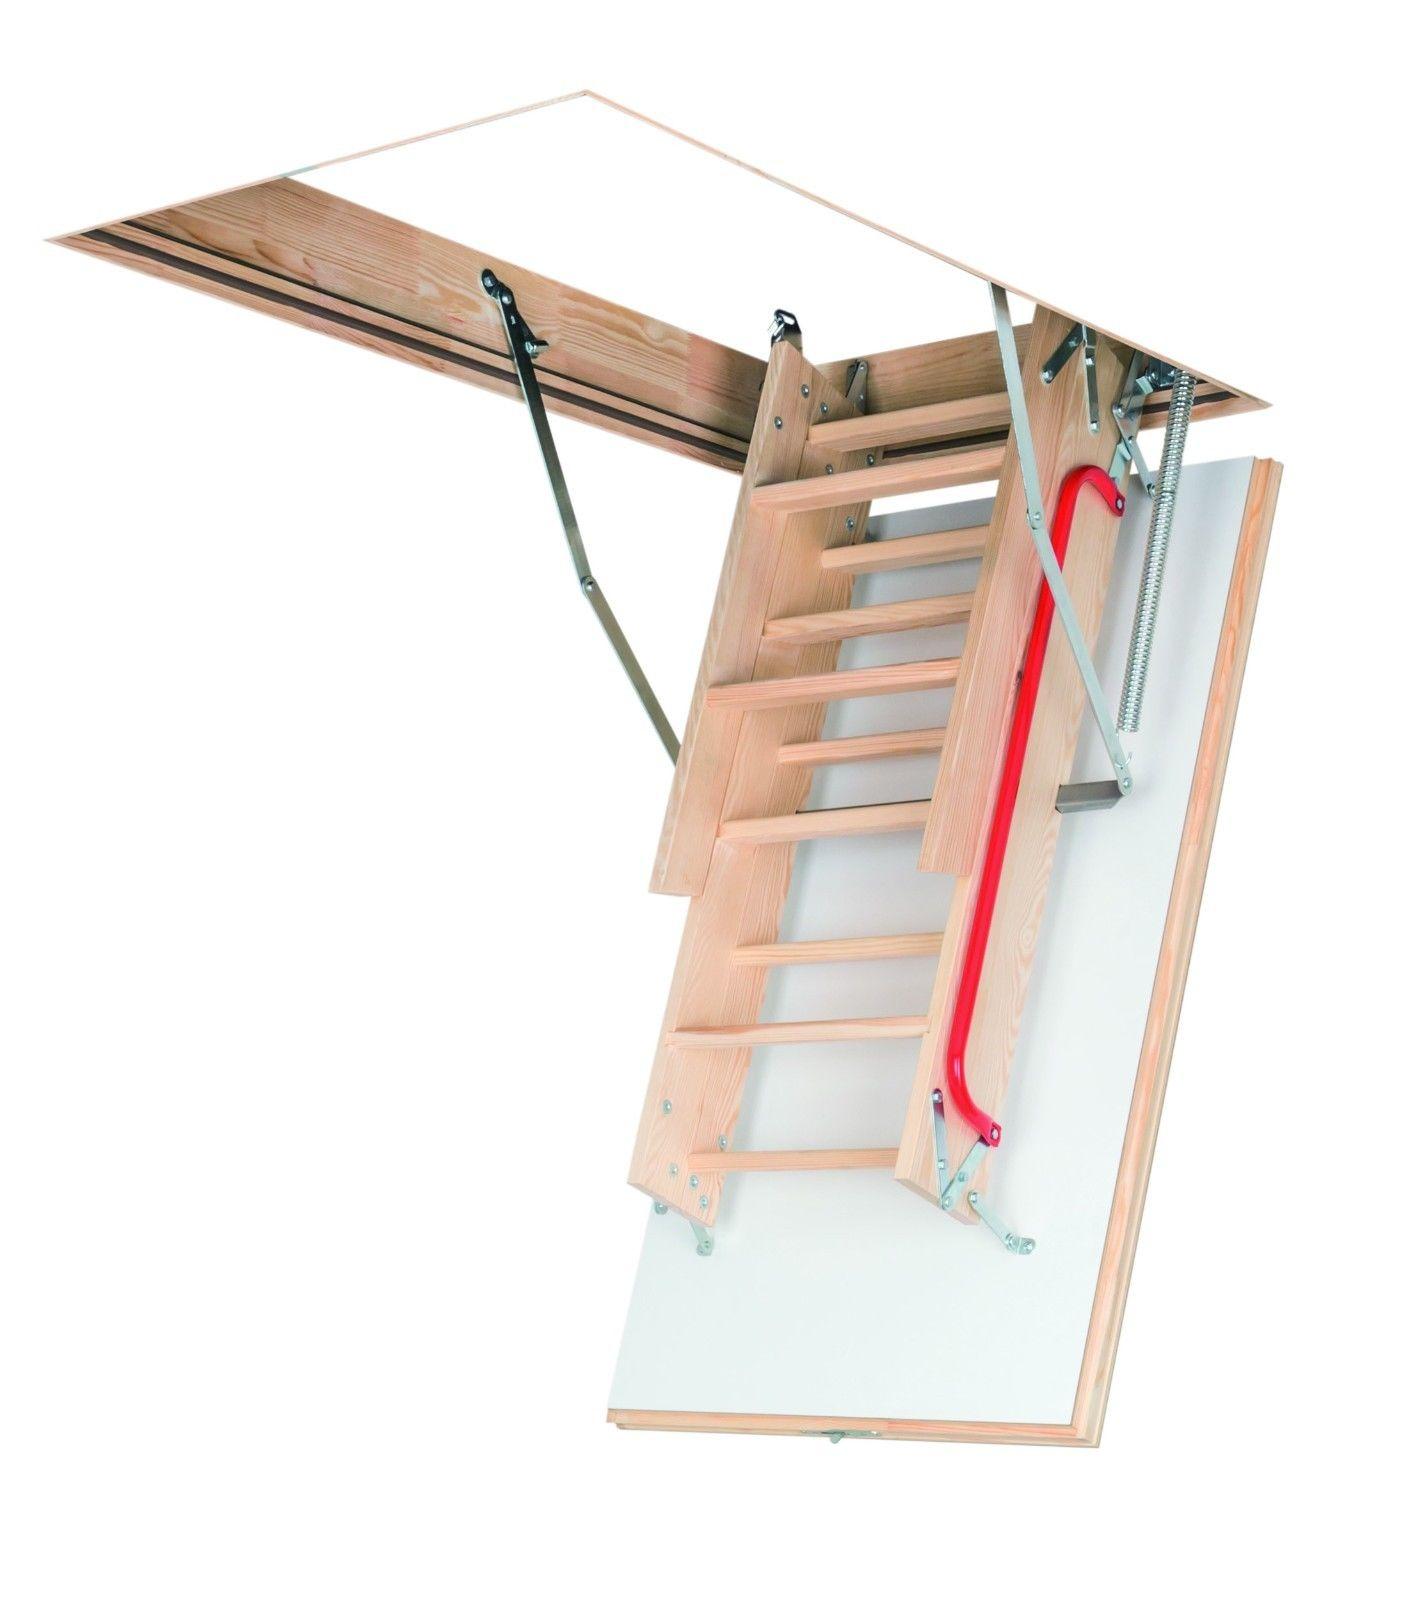 optistep loft ladder hatch 70cm x 120cm ak roof windows. Black Bedroom Furniture Sets. Home Design Ideas